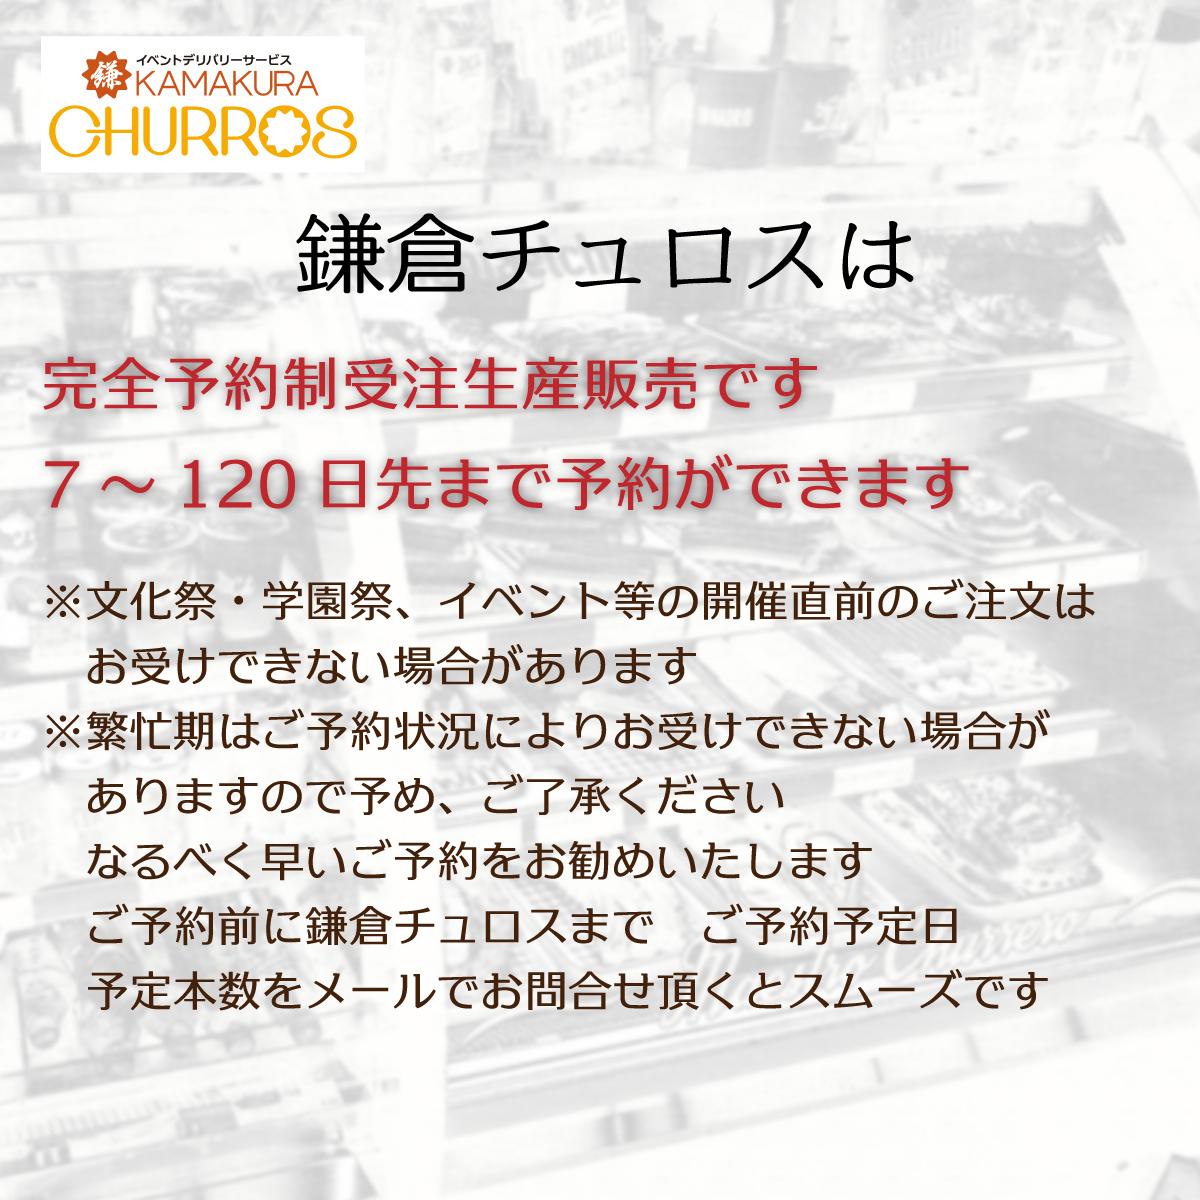 イベントデリバリーサービス【前日宅配便】(50本セット) 画像9